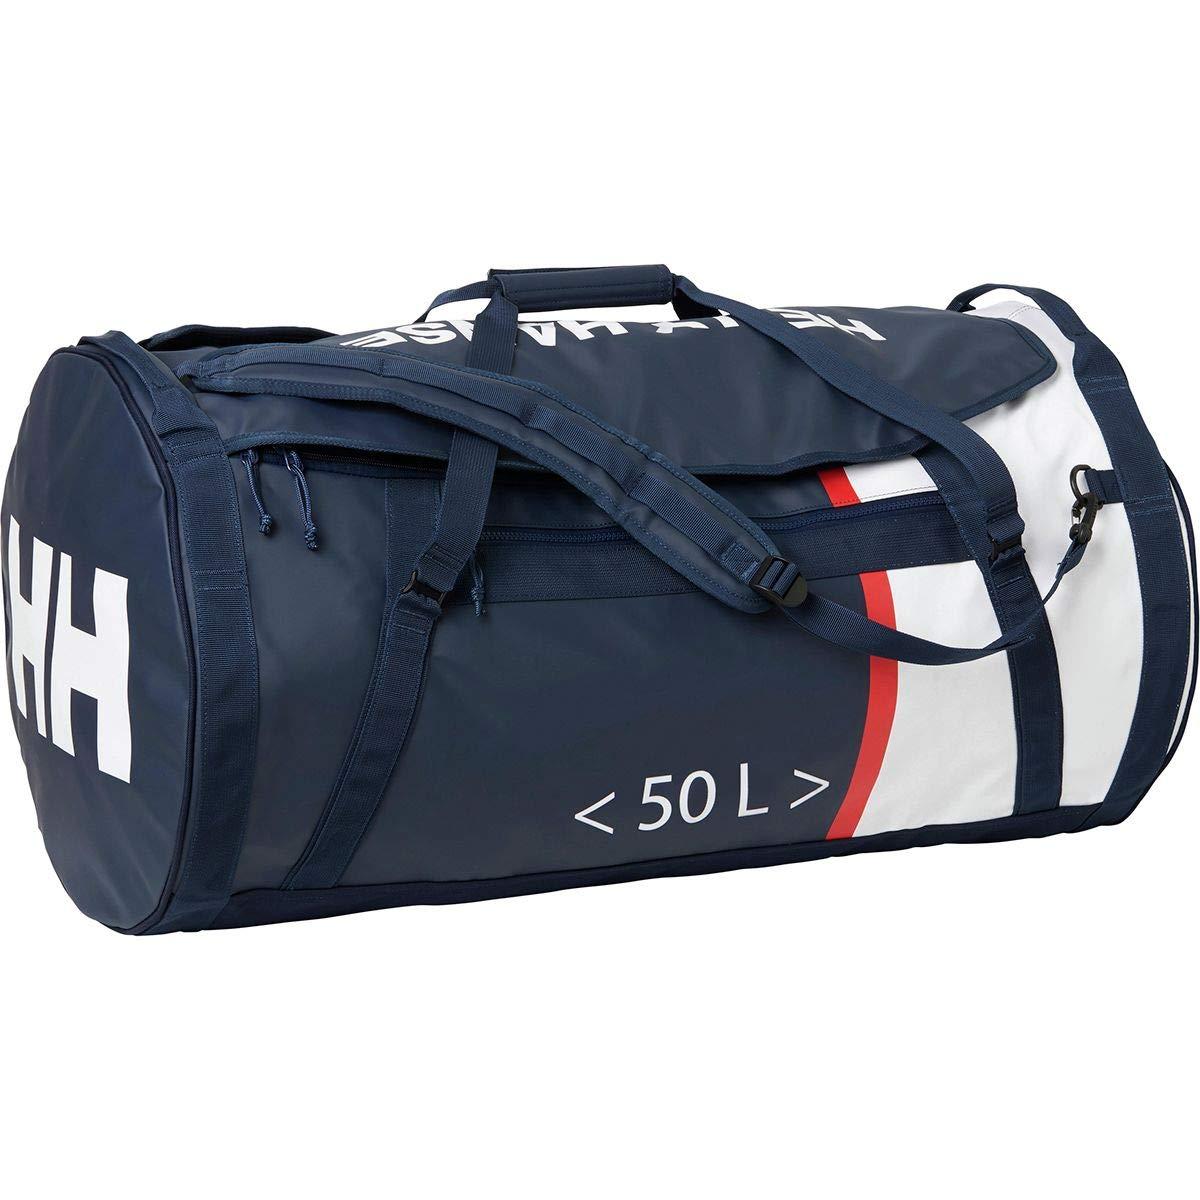 Helly Hansen Men HH Duffel 2 50L Bag - Evening Blue, Small